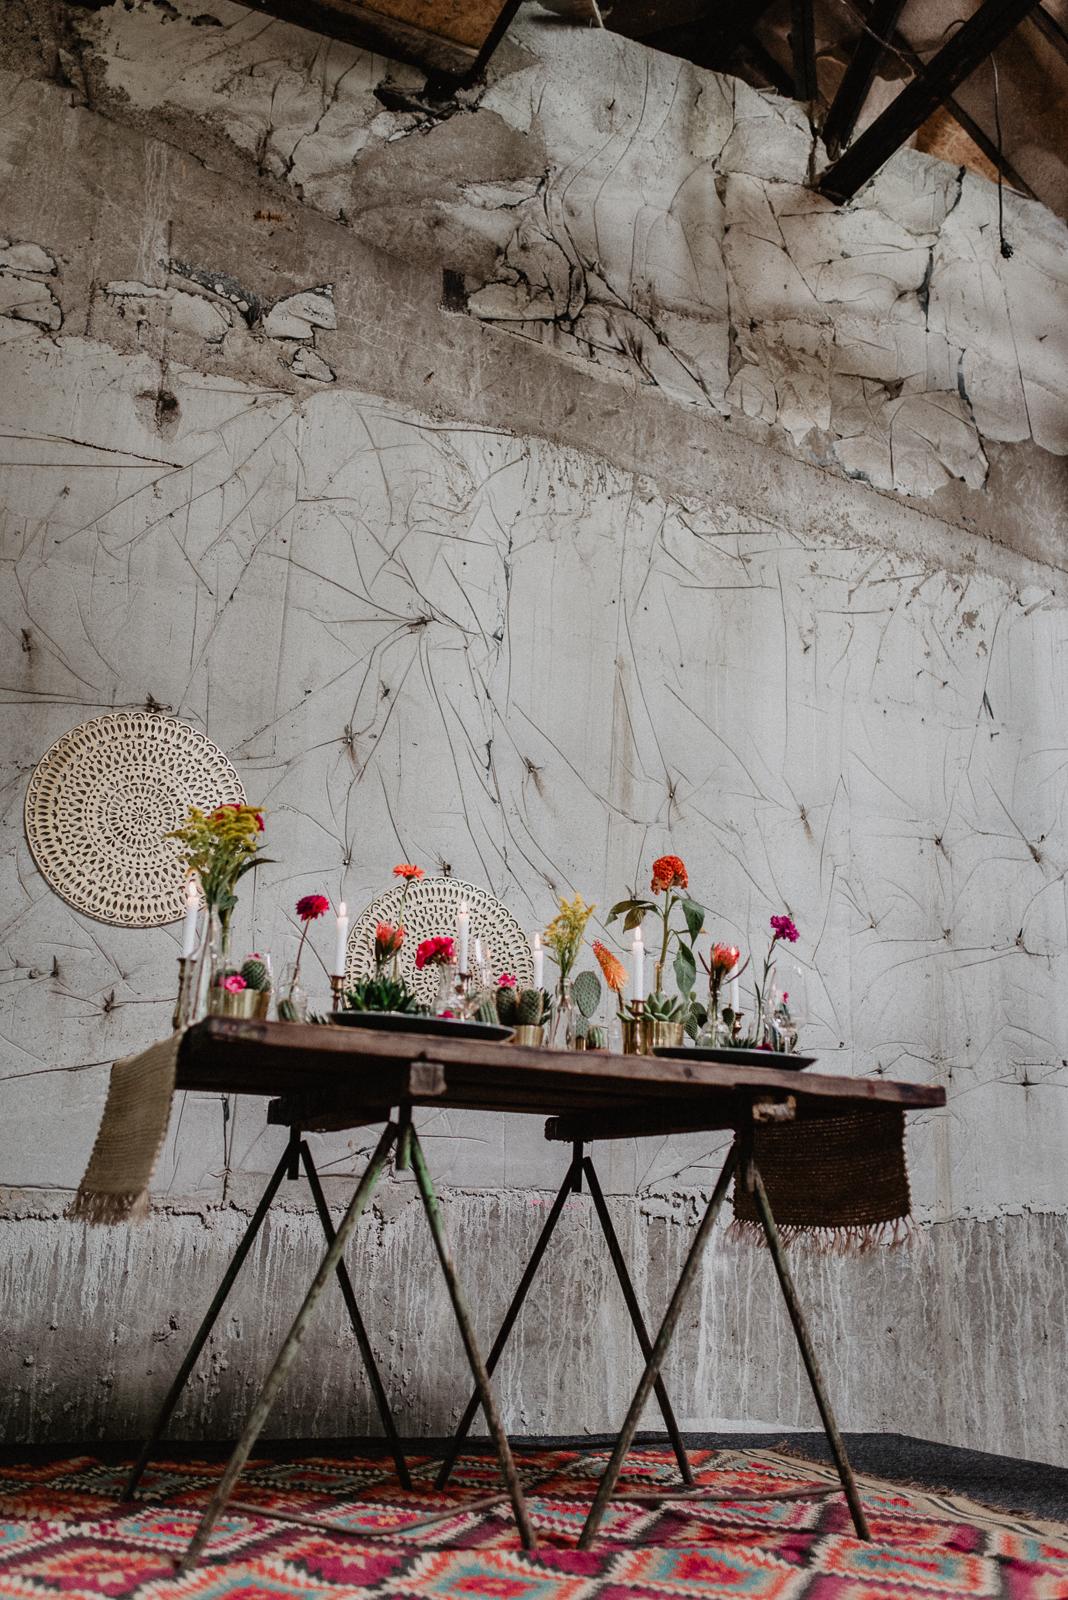 015-tischerie-floraldesign-floristik-tischdeko-hochzeit-hochzeitsdeko-bochum